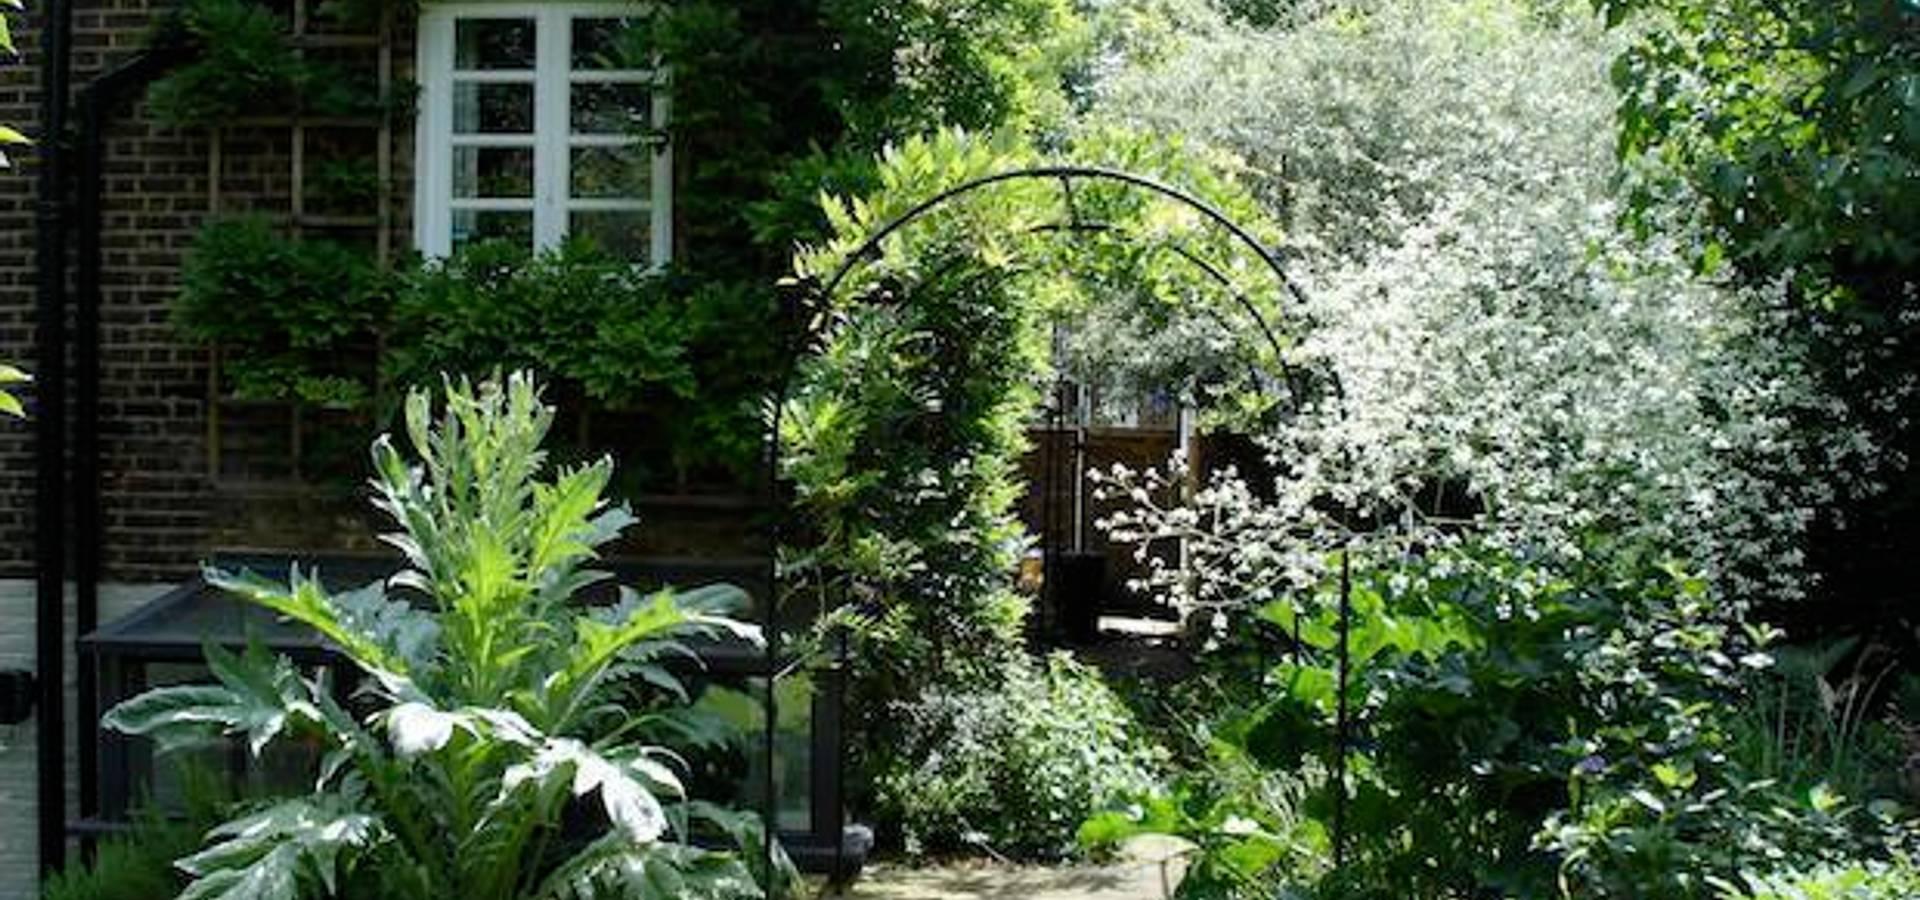 Carol S Garden: Carol Whitehead Garden Design: Landscape Designers In